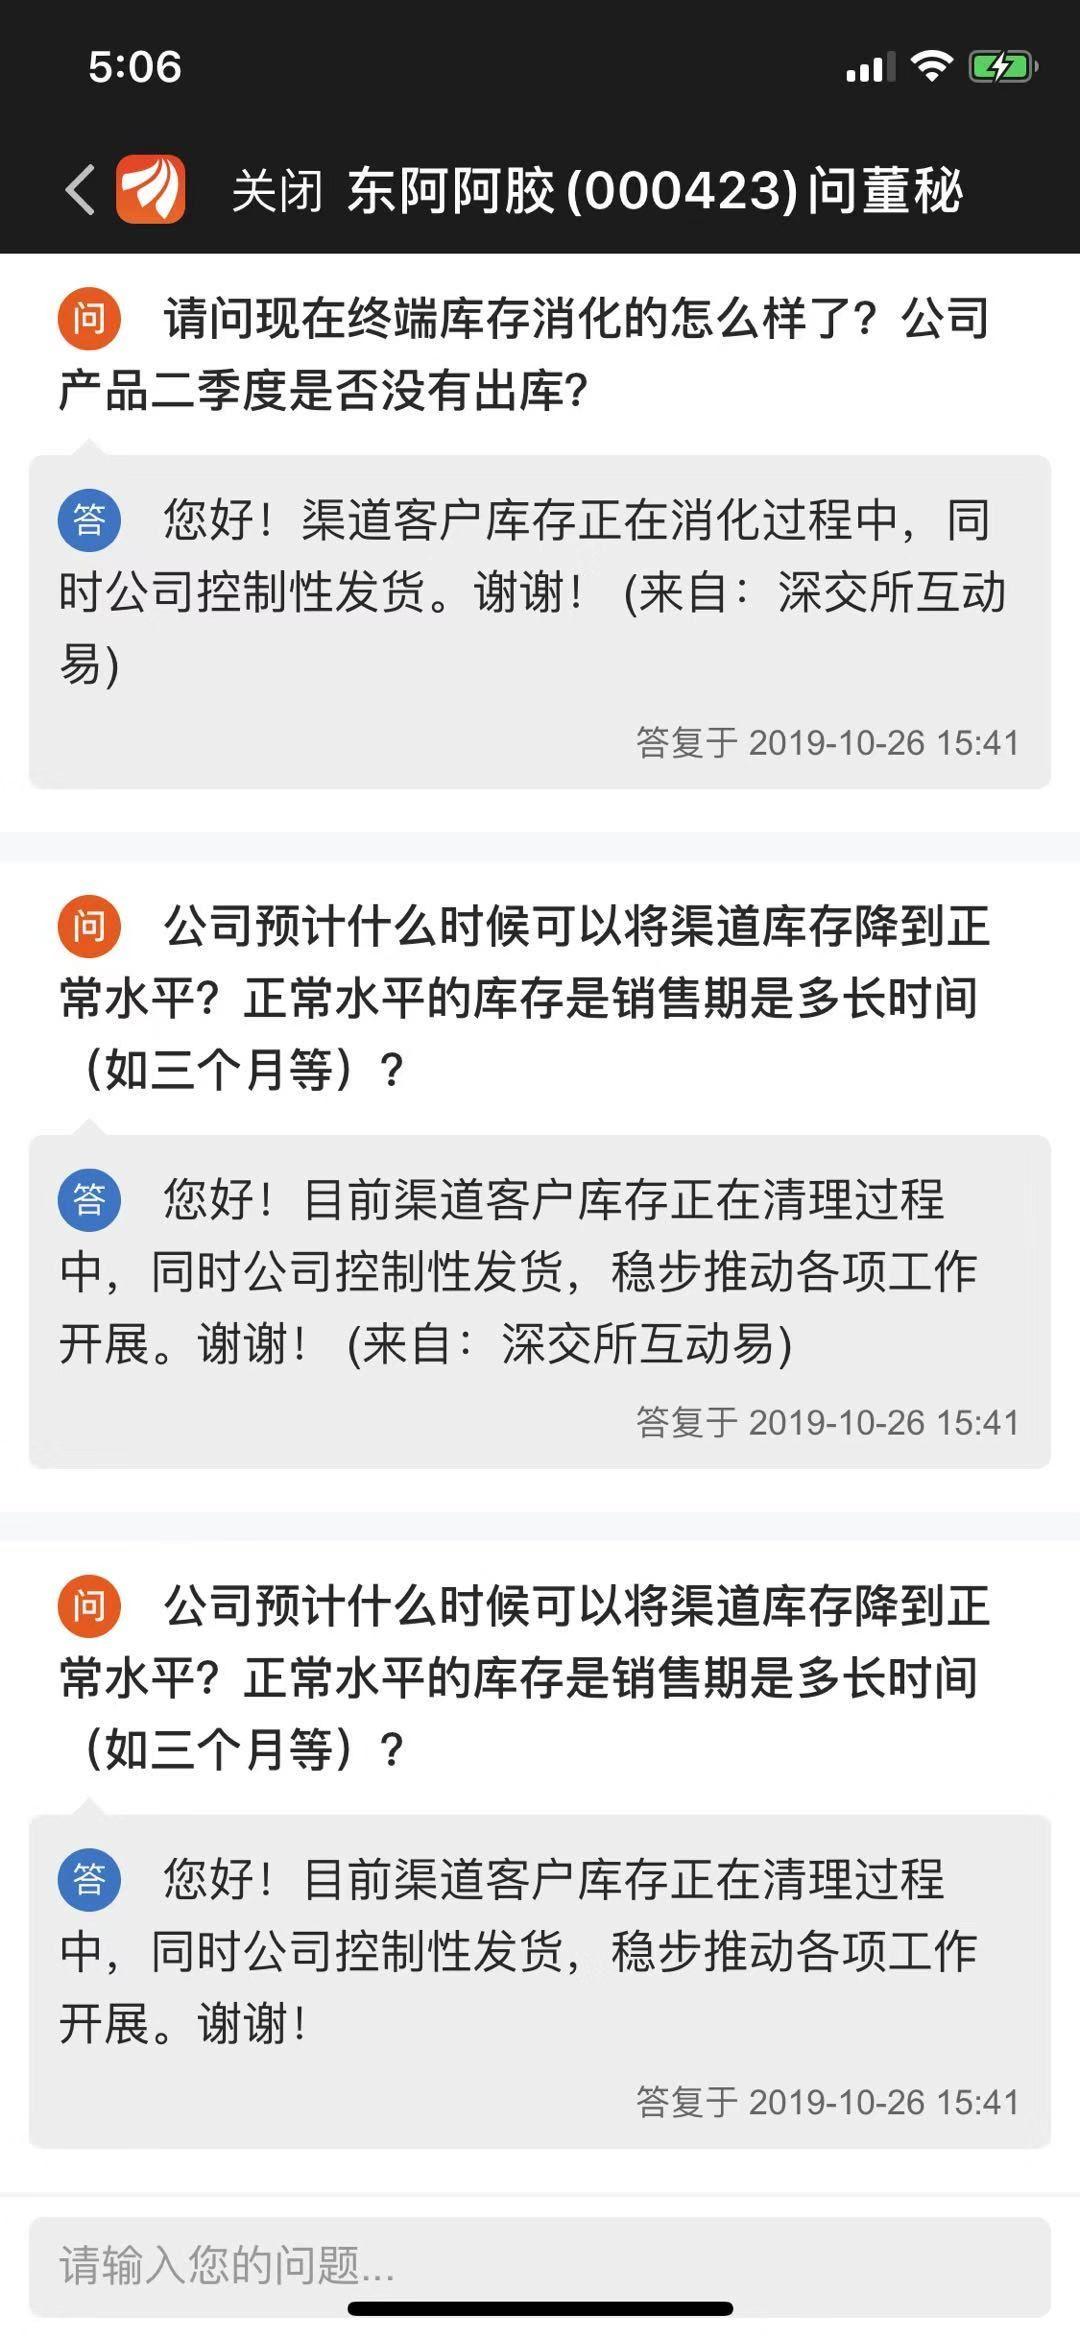 凤凰国际平台信誉|华为的特殊时刻:5G商用元年 挑战倒计时的特殊时刻